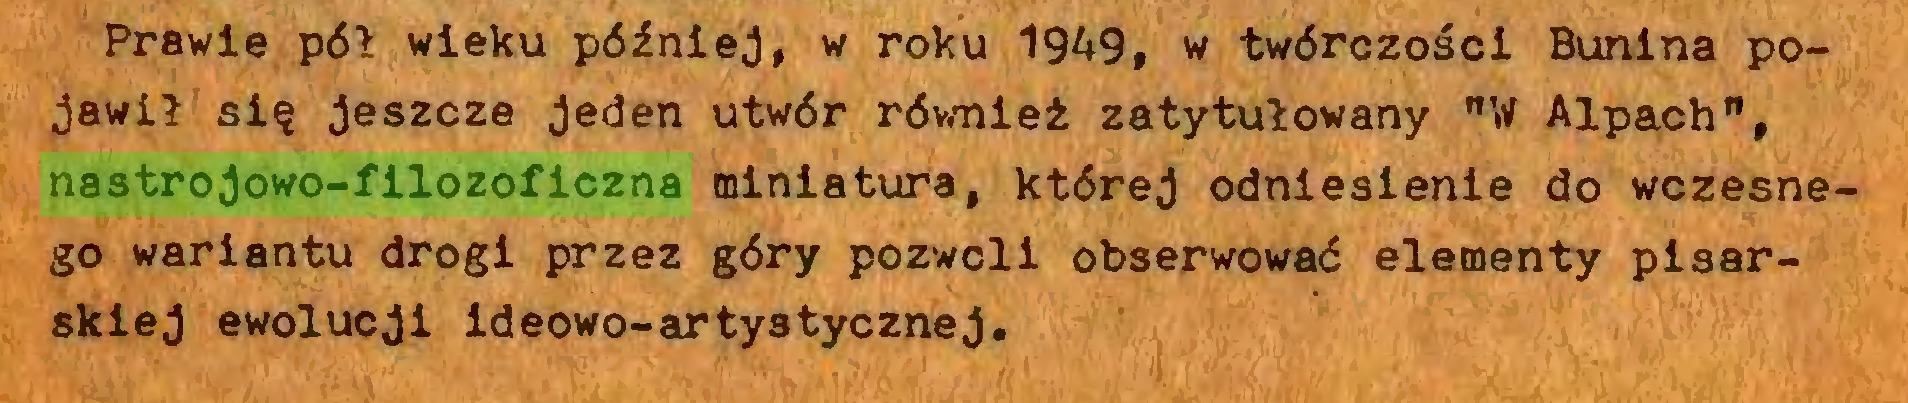 """(...) Prawie pół wieku później, w roku 1949, w twórczości Bunina pojawił się jeszcze jeden utwór również zatytułowany """"W Alpach"""", nastrojowo-filozoficzna miniatura, której odniesienie do wczesnego wariantu drogi przez góry pozwoli obserwować elementy pisarskiej ewolucji ideowo-artystycznej..."""